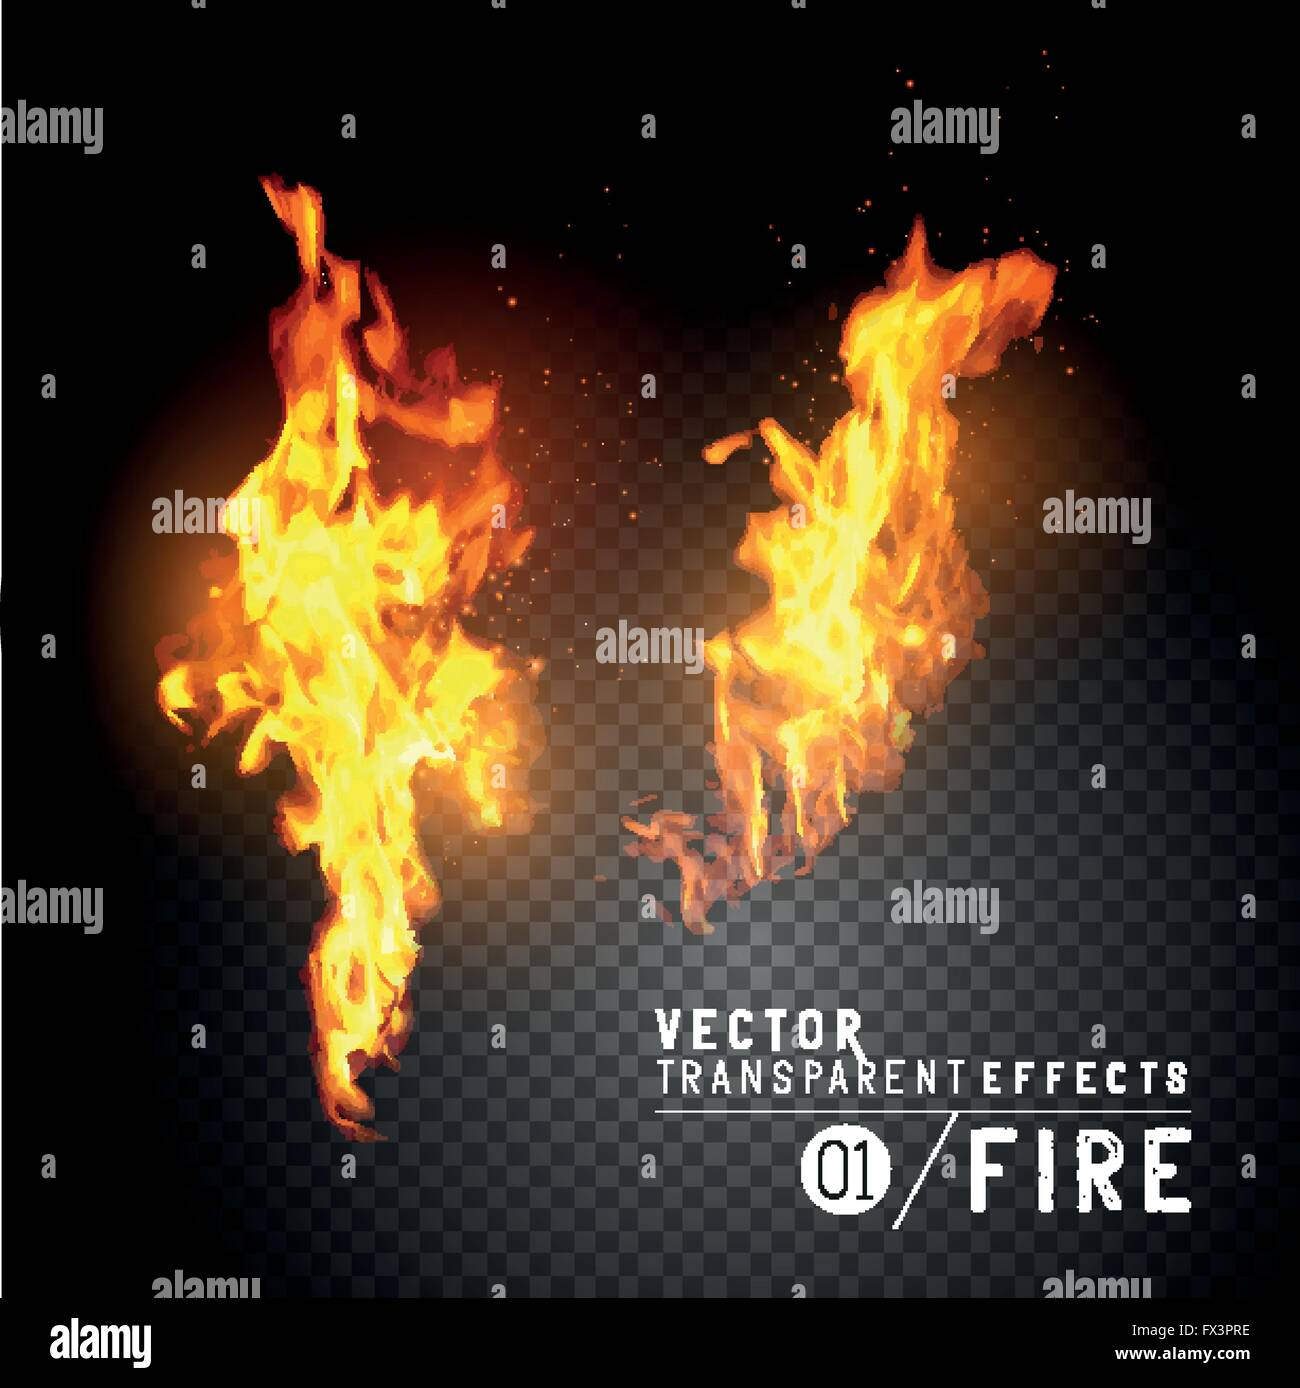 Vecteur réaliste Fire Flames. Effets vectoriels transparents. Les flammes à l'aide d'étincelles. Photo Stock